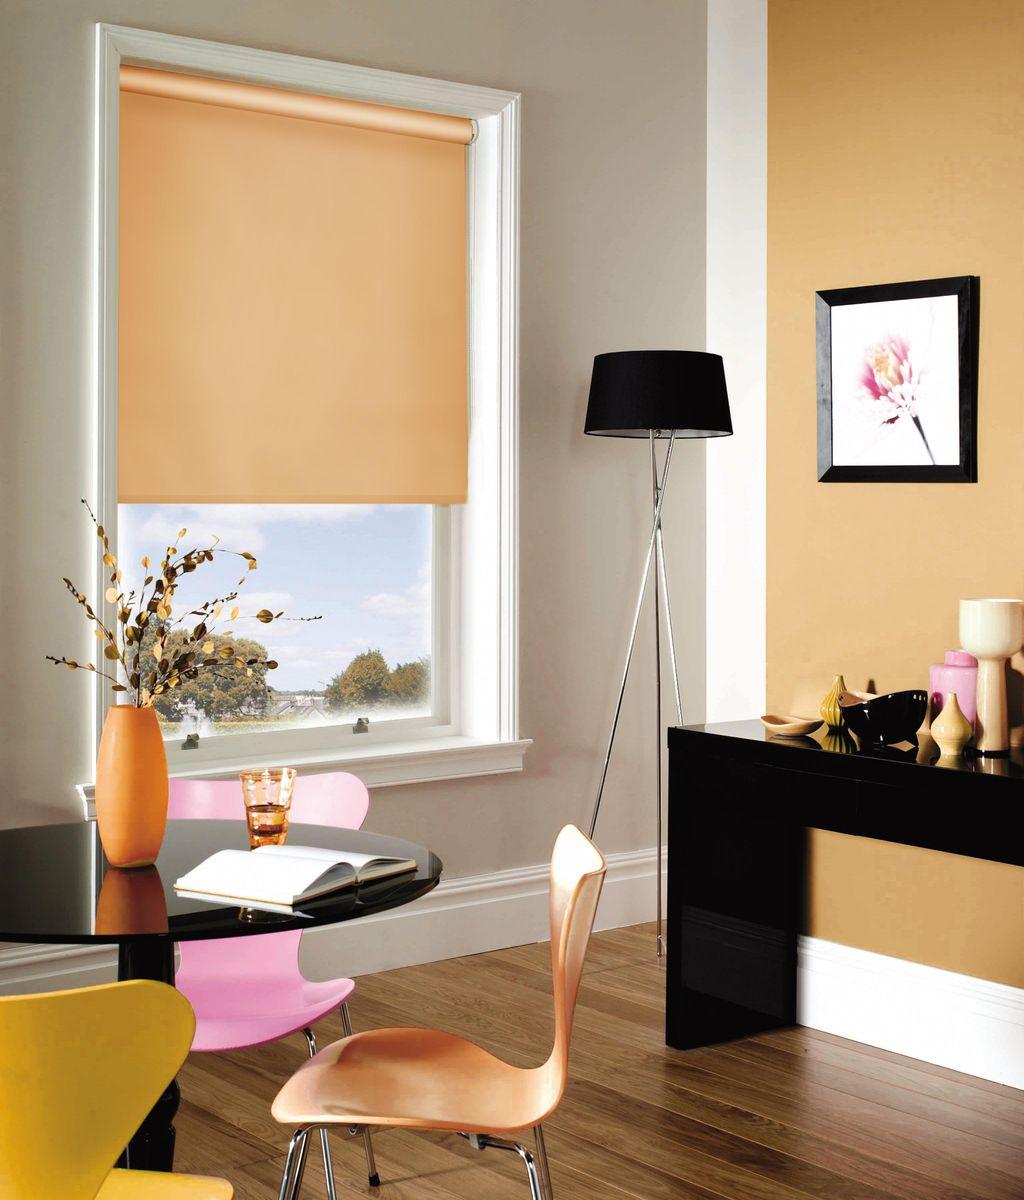 Штора рулонная Эскар, цвет: абрикосовый, ширина 120 см, высота 170 см81012120170Рулонными шторами можно оформлять окна как самостоятельно, так и использовать в комбинации с портьерами. Это поможет предотвратить выгорание дорогой ткани на солнце и соединит функционал рулонных с красотой навесных.Преимущества применения рулонных штор для пластиковых окон:- имеют прекрасный внешний вид: многообразие и фактурность материала изделия отлично смотрятся в любом интерьере; - многофункциональны: есть возможность подобрать шторы способные эффективно защитить комнату от солнца, при этом о на не будет слишком темной. - Есть возможность осуществить быстрый монтаж. ВНИМАНИЕ! Размеры ширины изделия указаны по ширине ткани!Во время эксплуатации не рекомендуется полностью разматывать рулон, чтобы не оторвать ткань от намоточного вала.В случае загрязнения поверхности ткани, чистку шторы проводят одним из способов, в зависимости от типа загрязнения: легкое поверхностное загрязнение можно удалить при помощи канцелярского ластика; чистка от пыли производится сухим методом при помощи пылесоса с мягкой щеткой-насадкой; для удаления пятна используйте мягкую губку с пенообразующим неагрессивным моющим средством или пятновыводитель на натуральной основе (нельзя применять растворители).